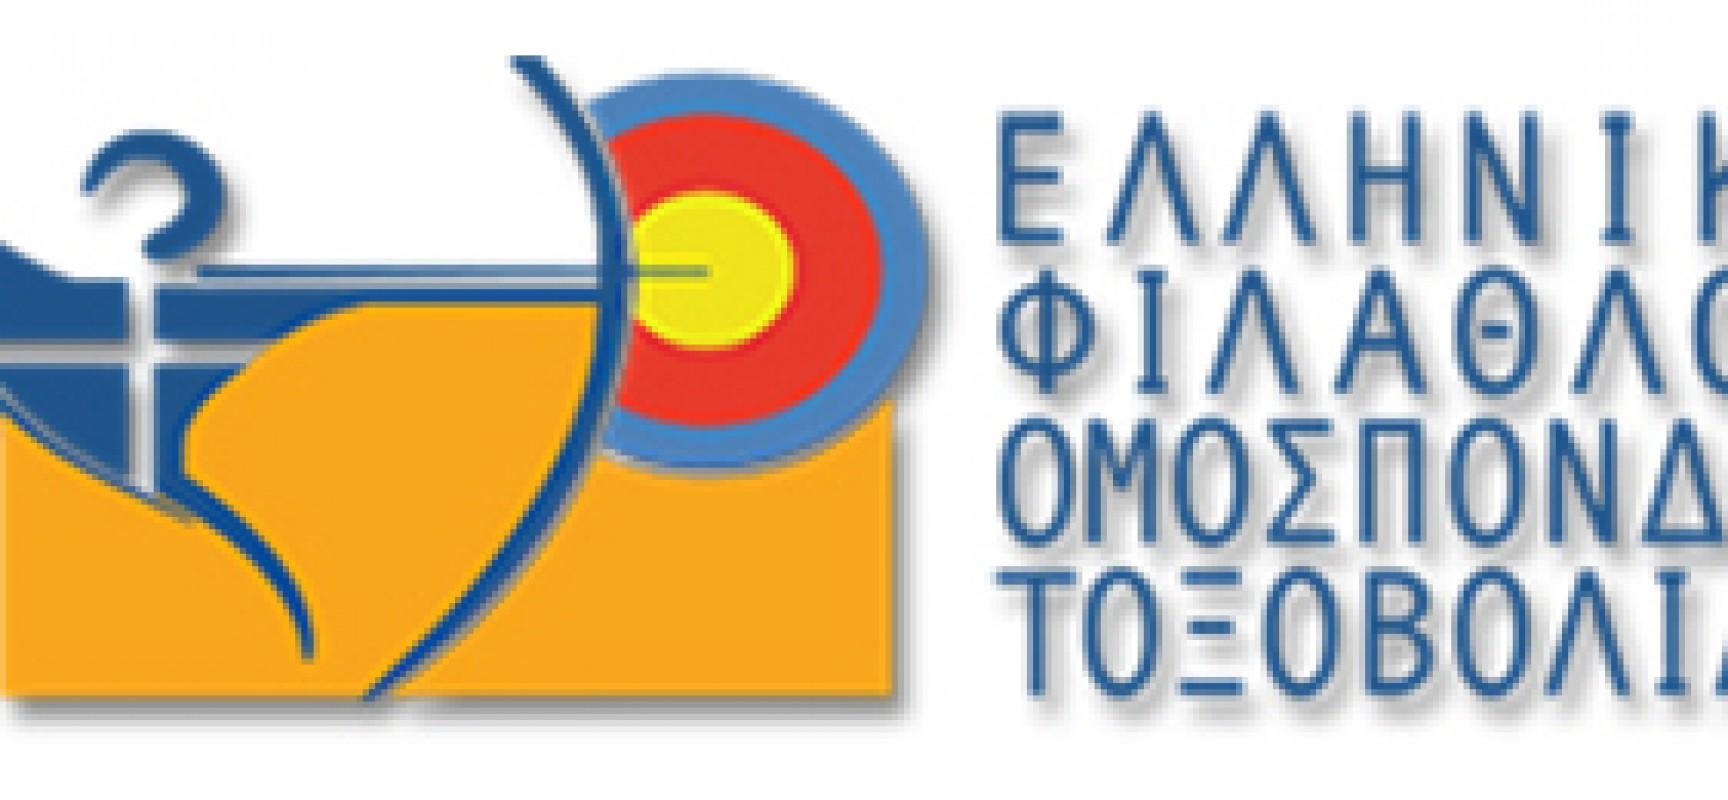 Πρόσκληση Τακτικής Γενικής Συνέλευσης της Ελληνικής Φιλάθλου Ομοσπονδίας Τοξοβολίας